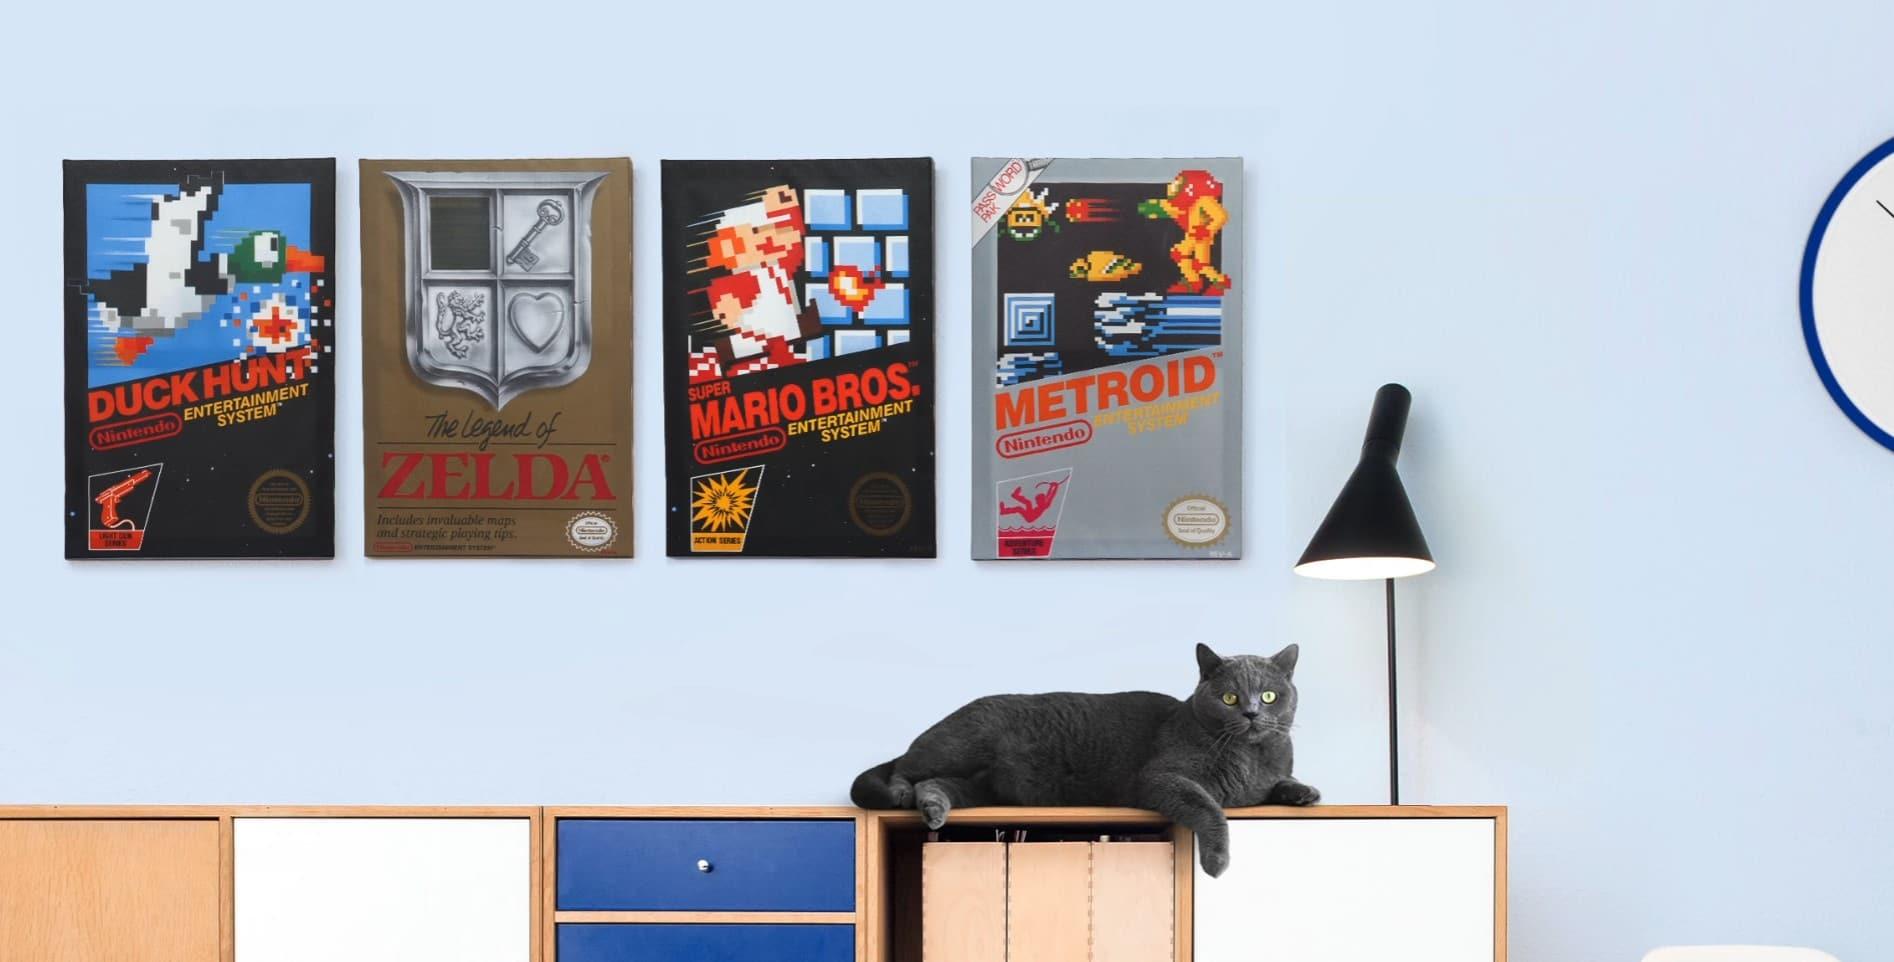 Die Katze findet die Poster auch gut. (Foto: ThinkGeek)